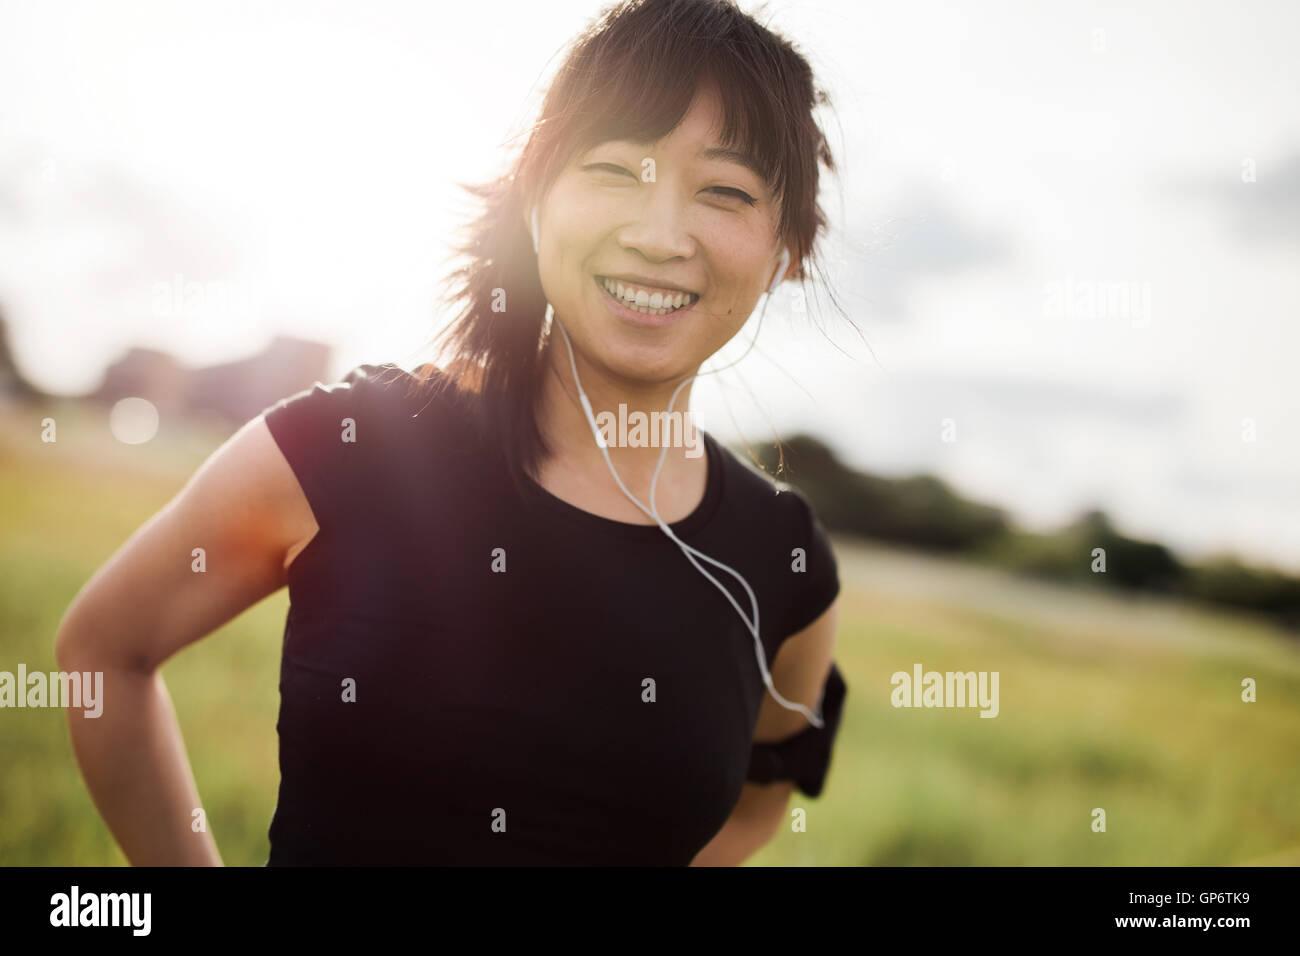 Retrato de mujer feliz corriendo al aire libre permanente y sonriendo a la cámara. Modelo femenino chino en Imagen De Stock